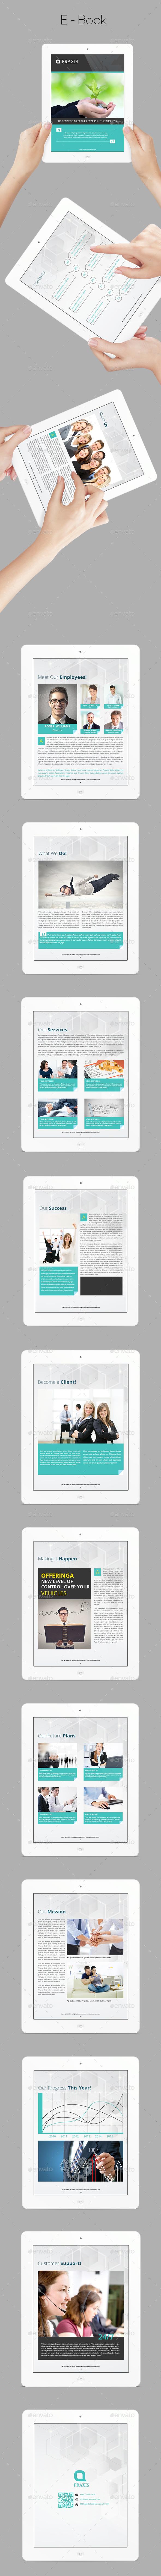 GraphicRiver E-book Template 10069246